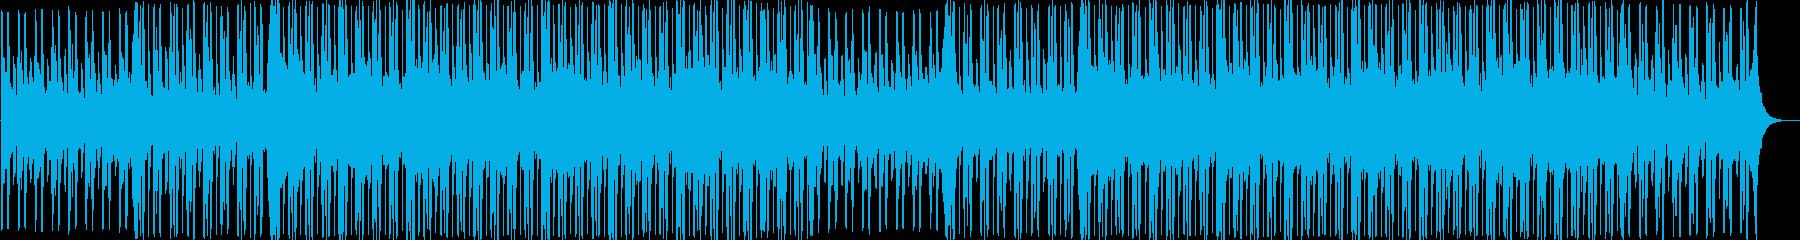 ニュース・報道 知的でクールなBGMの再生済みの波形